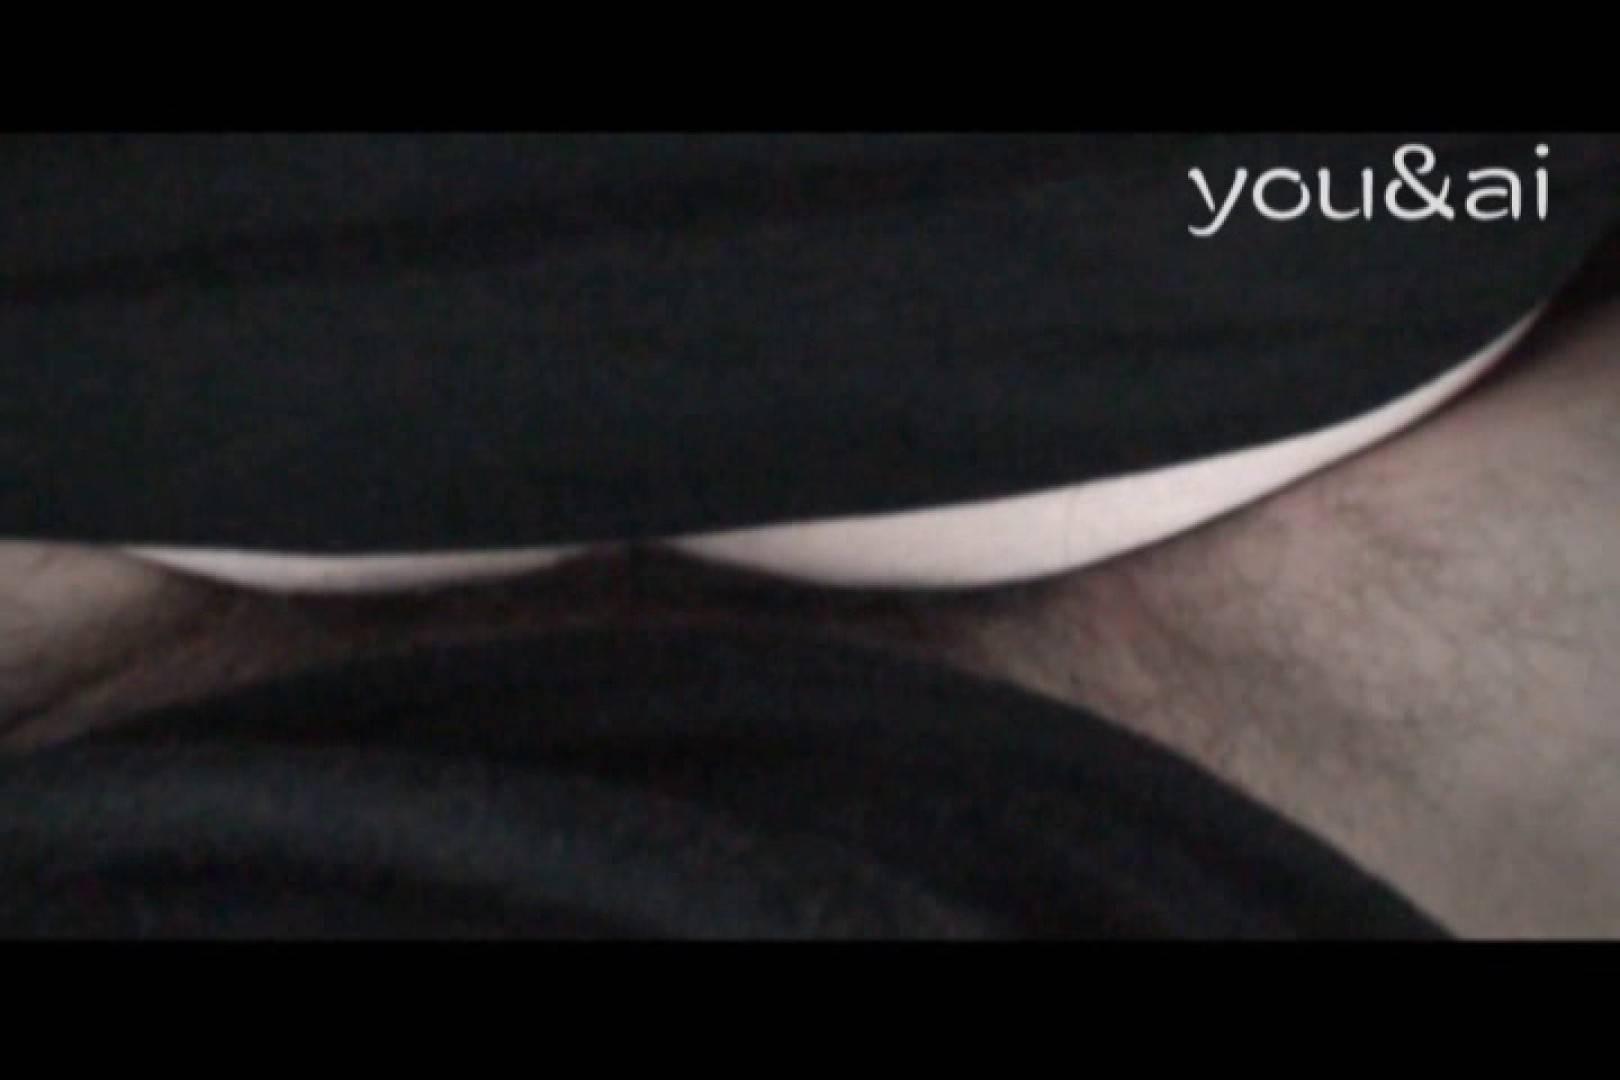 おしどり夫婦のyou&aiさん投稿作品vol.8 一般投稿 戯れ無修正画像 72枚 14